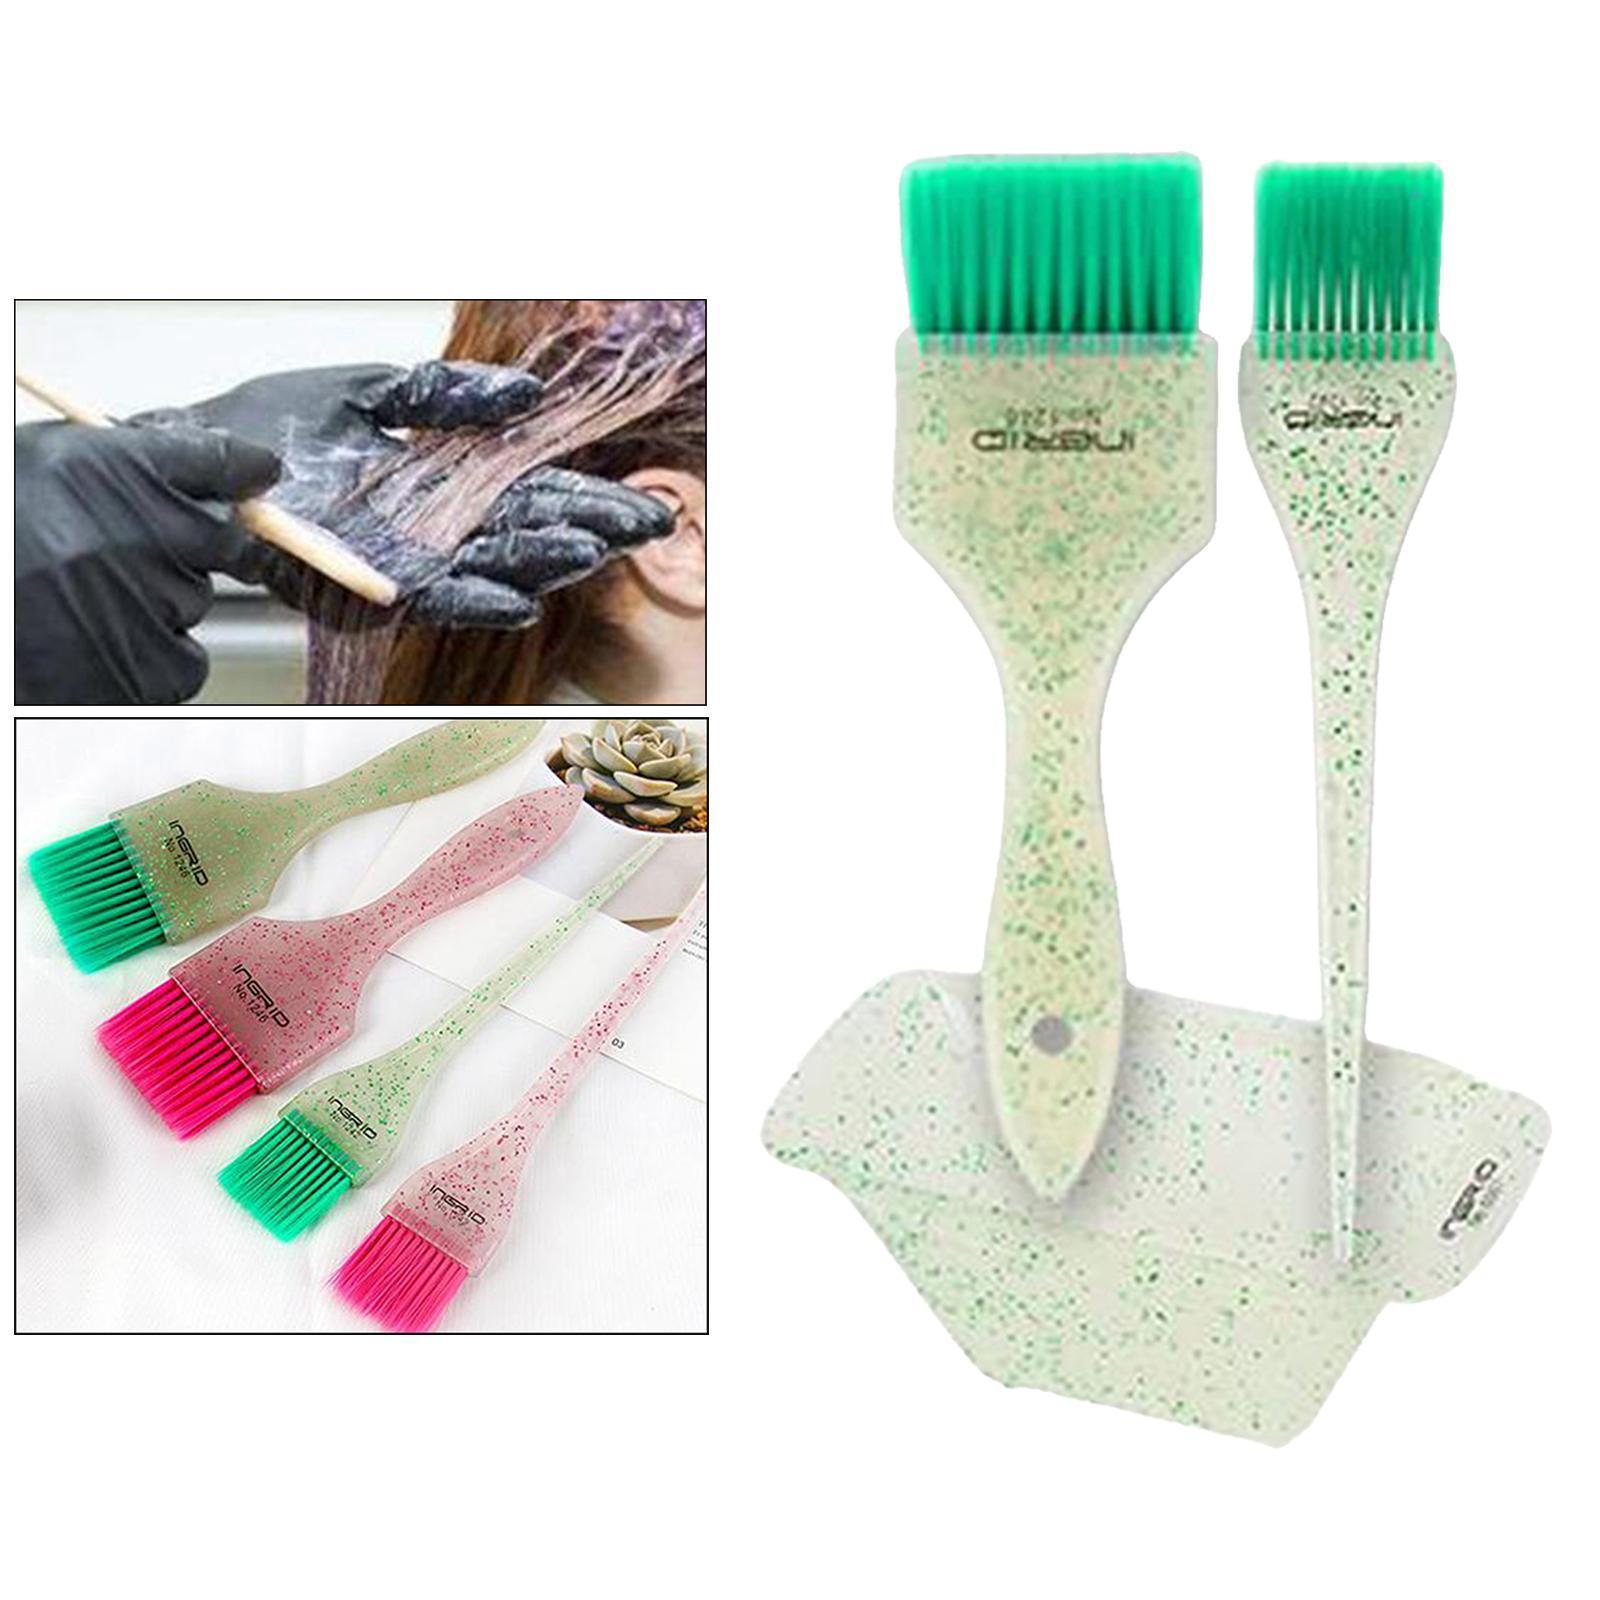 miniature 2 - Kit de teinture pour cheveux 3 pièces en plastique bol de coloration des